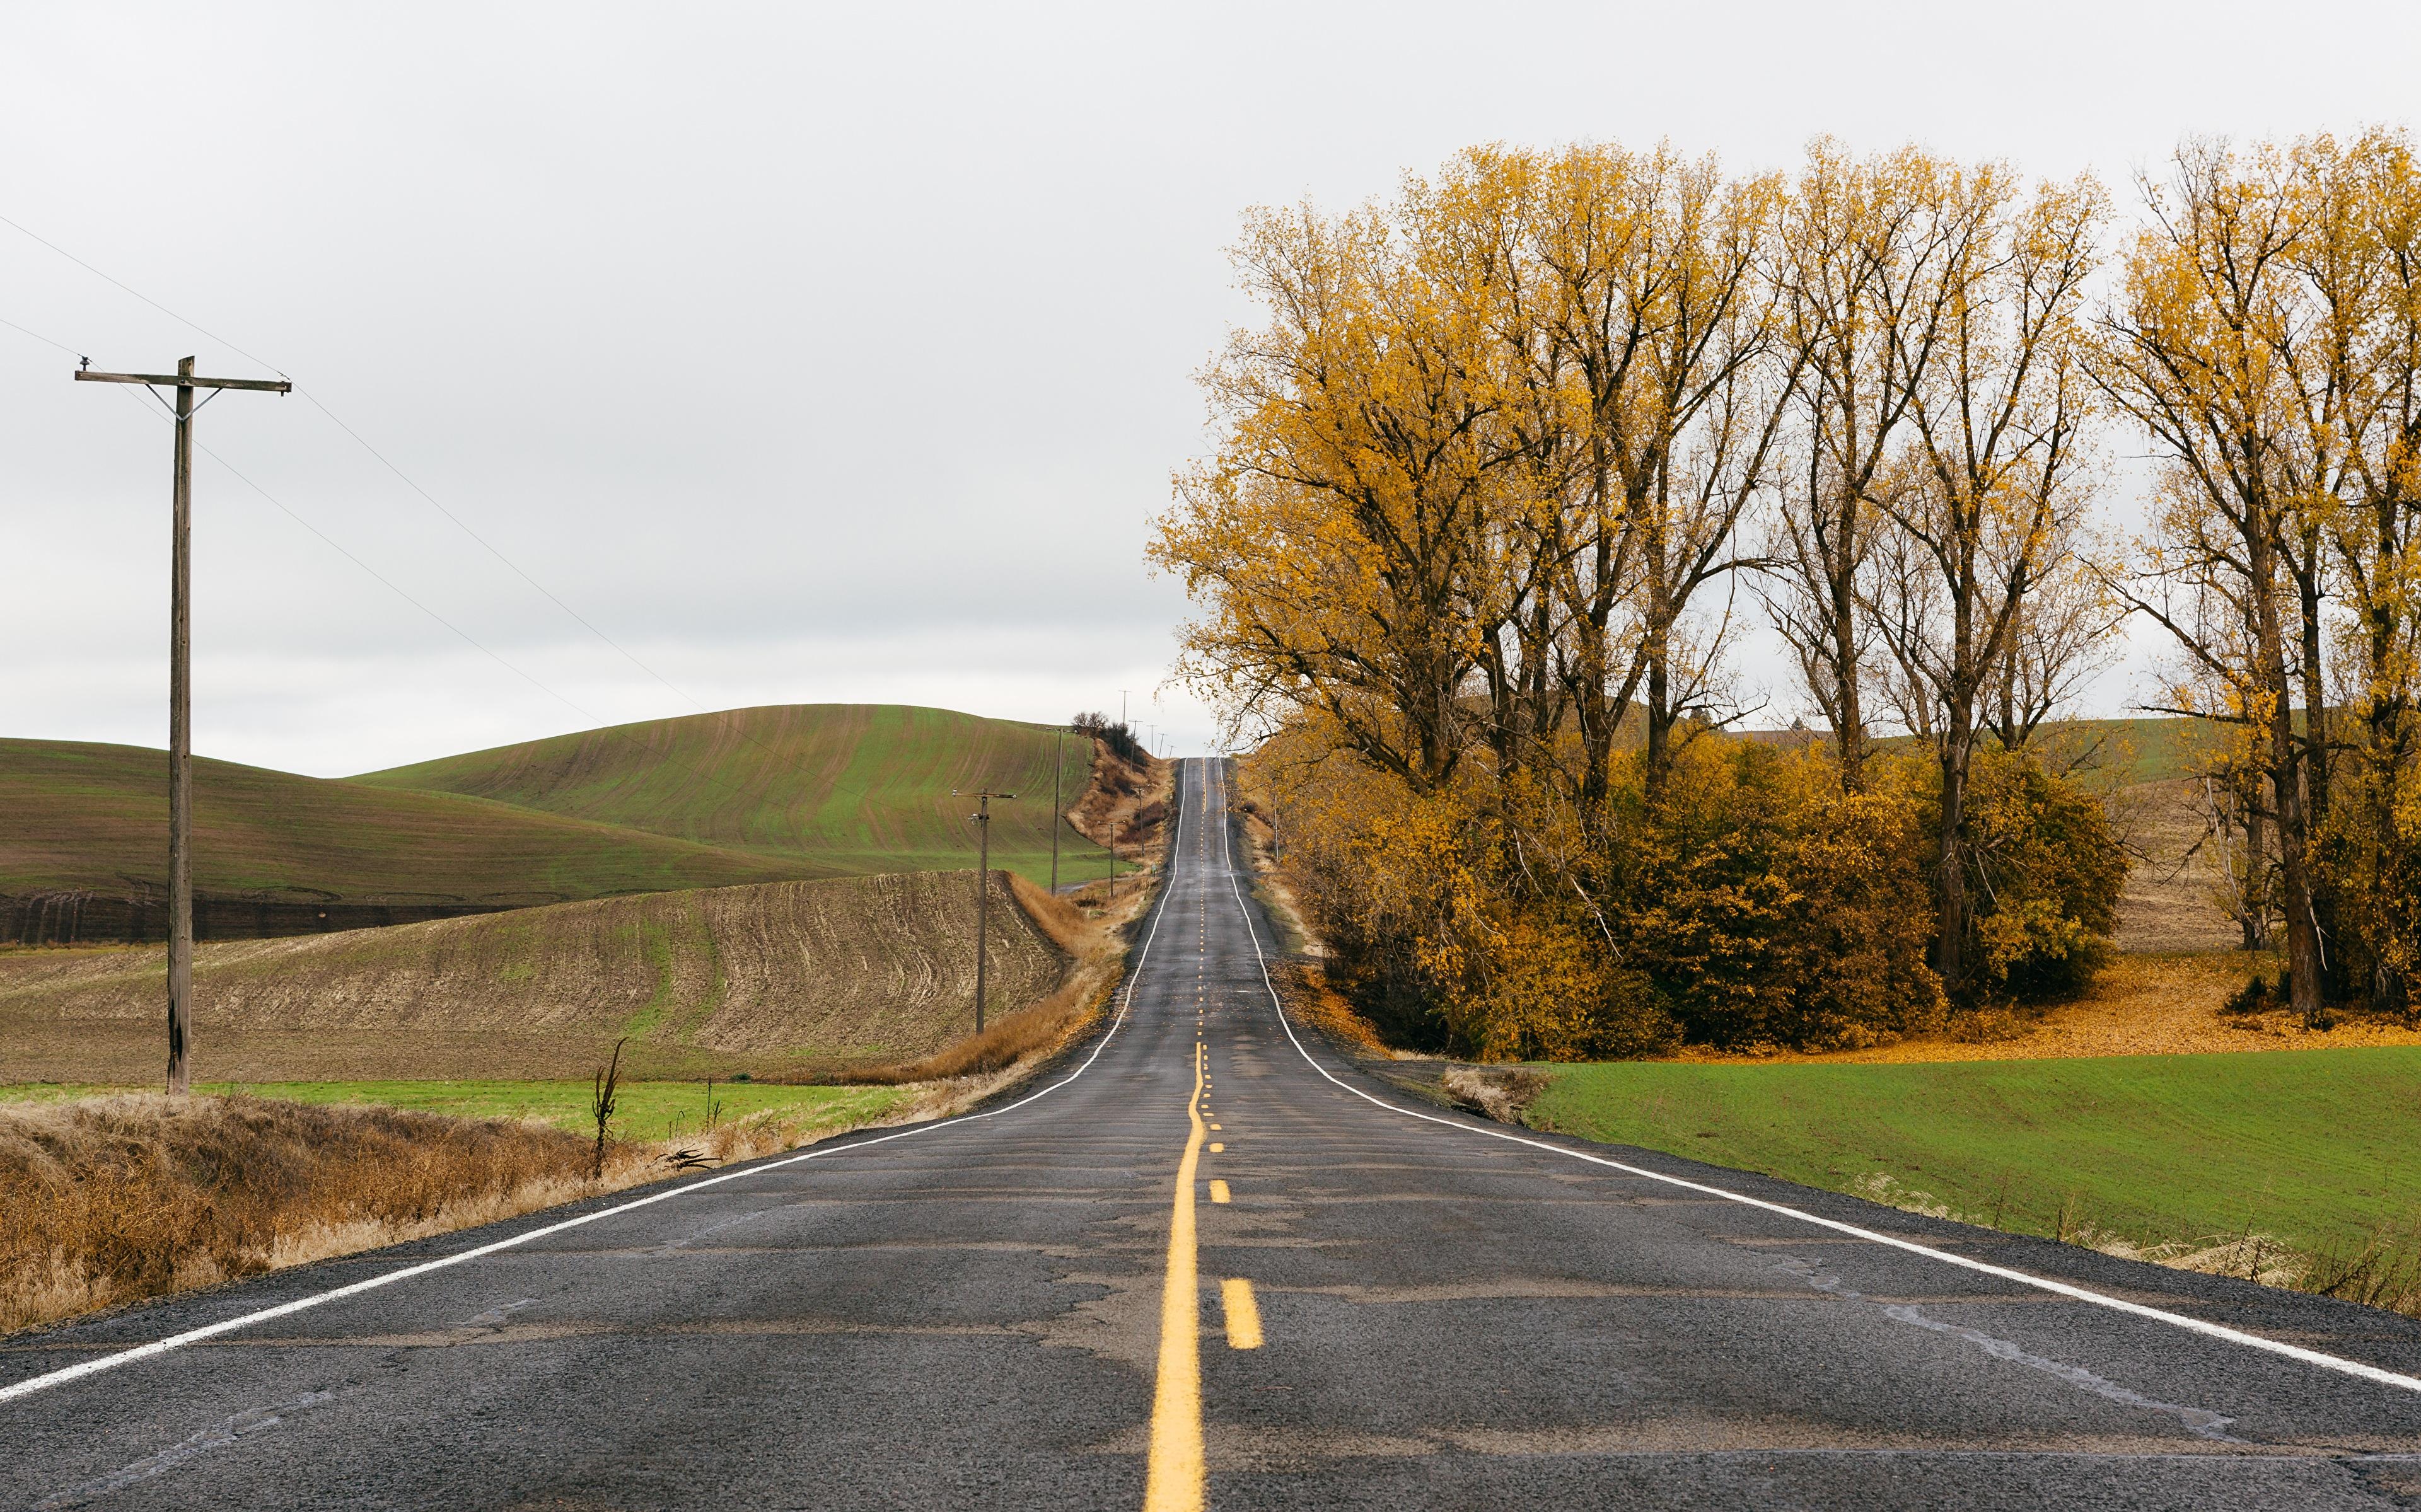 Фотография осенние Природа Холмы Дороги асфальта деревьев Осень холм холмов Асфальт дерево дерева Деревья